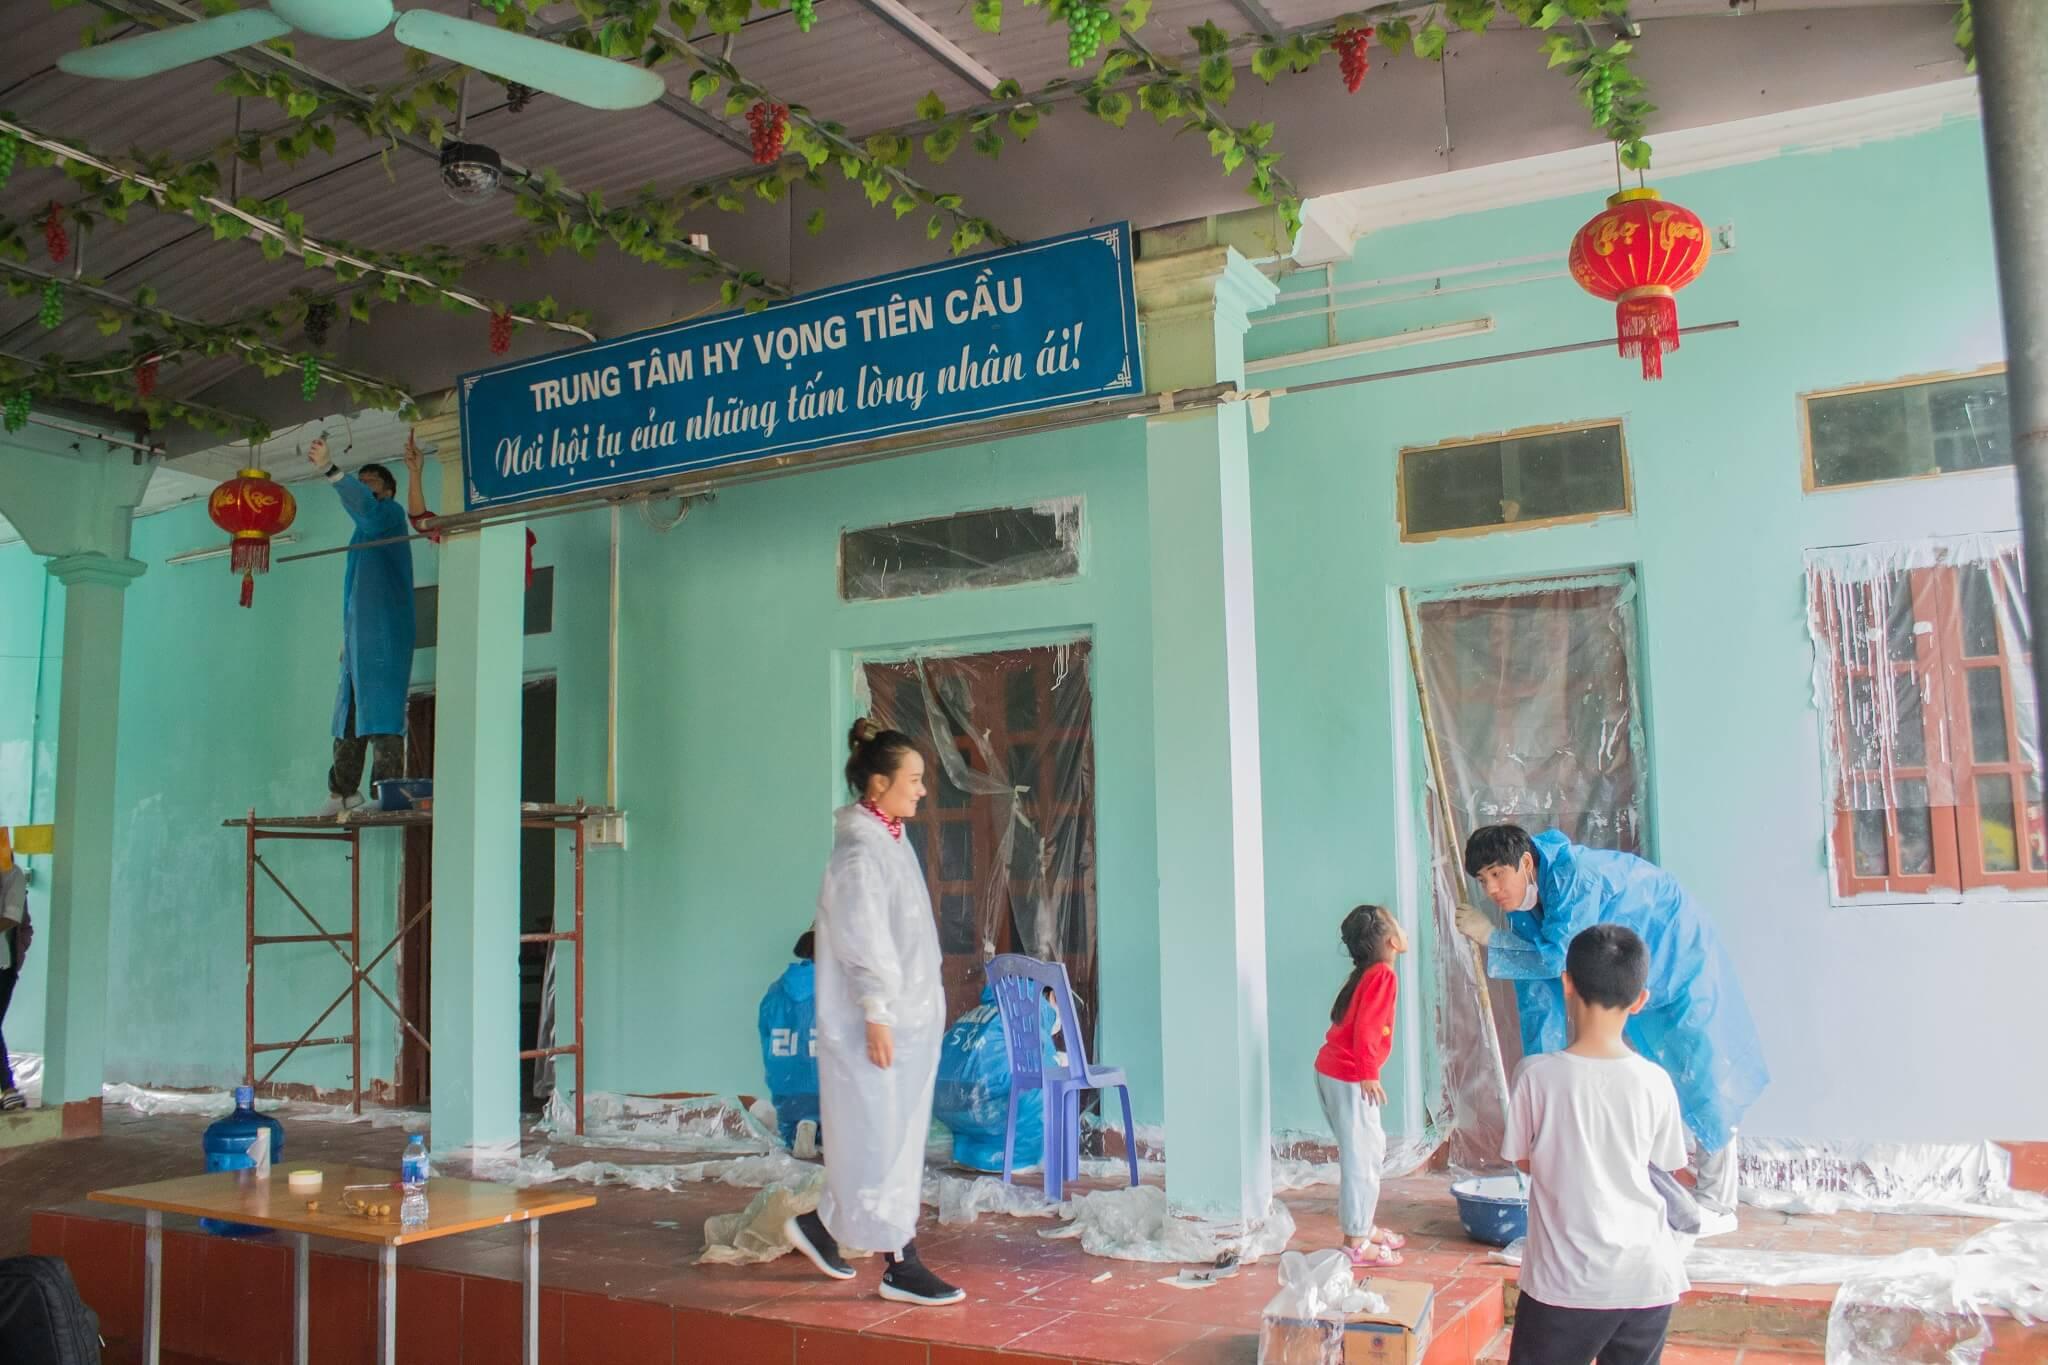 Đội tình nguyện viên Hàn Quốc đang giúp trung tâm sơn sửa lại nhà